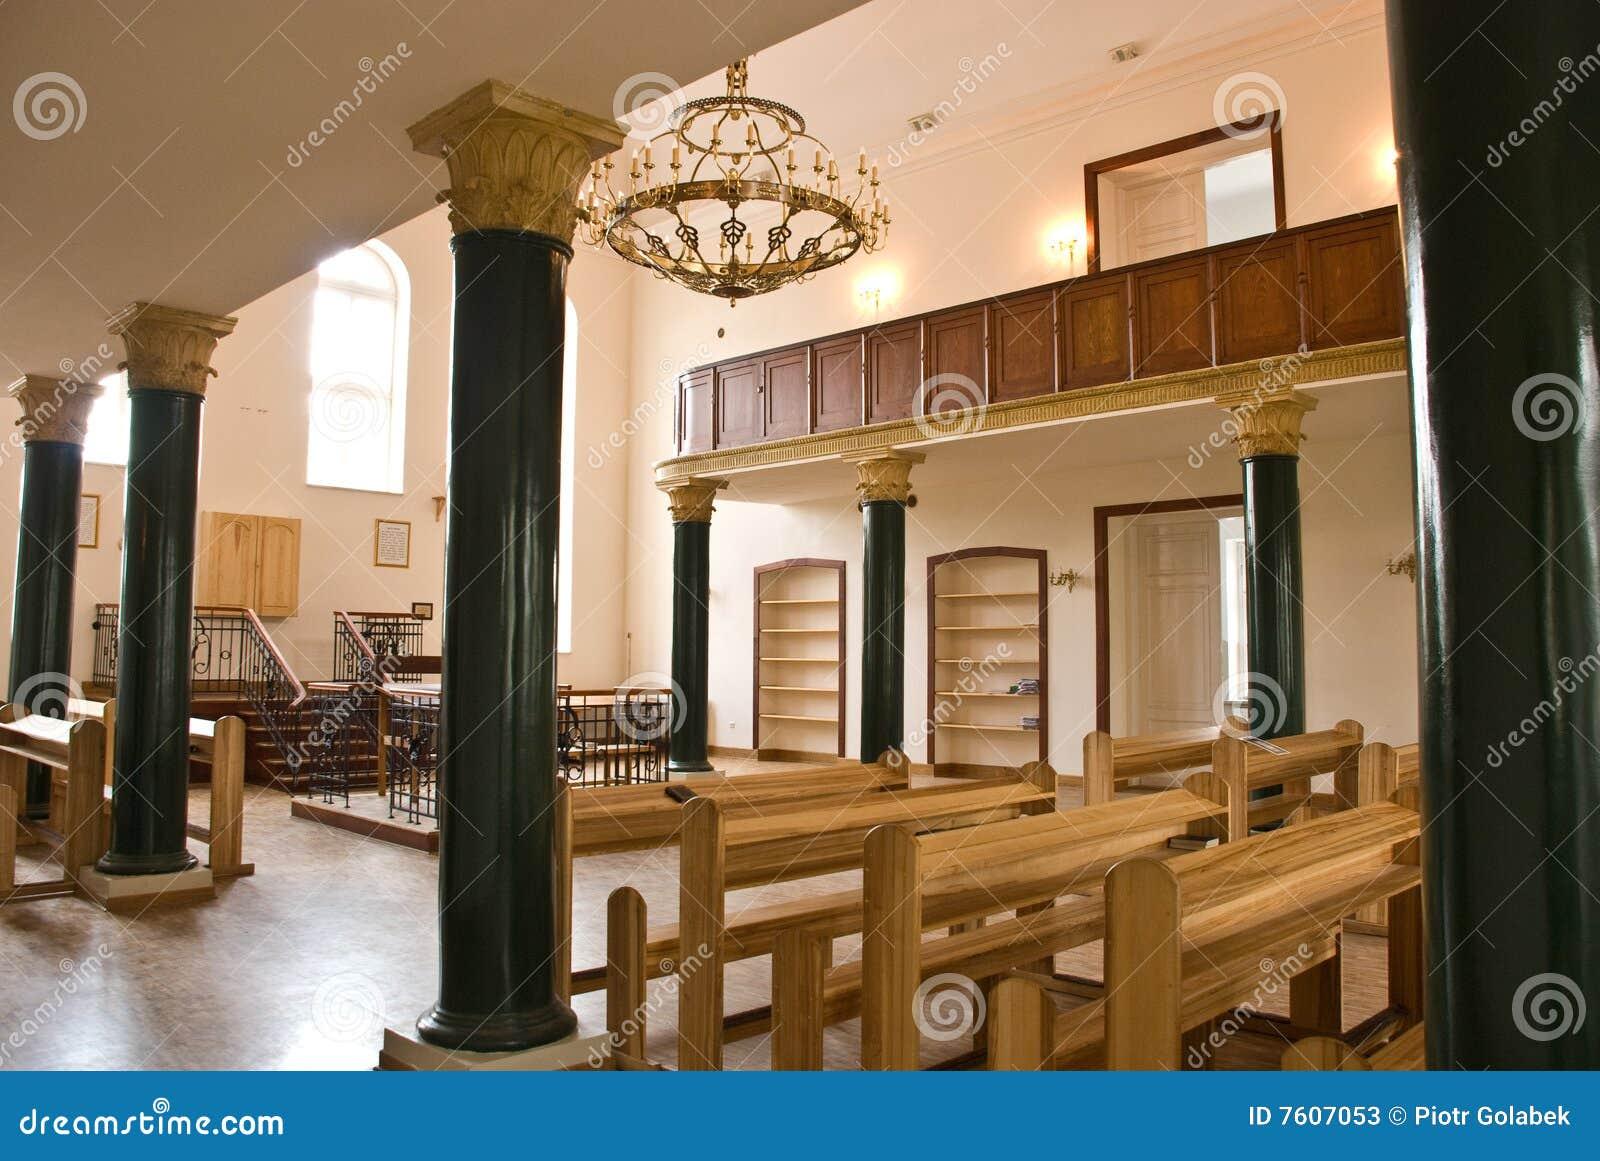 鲁布林犹太教堂